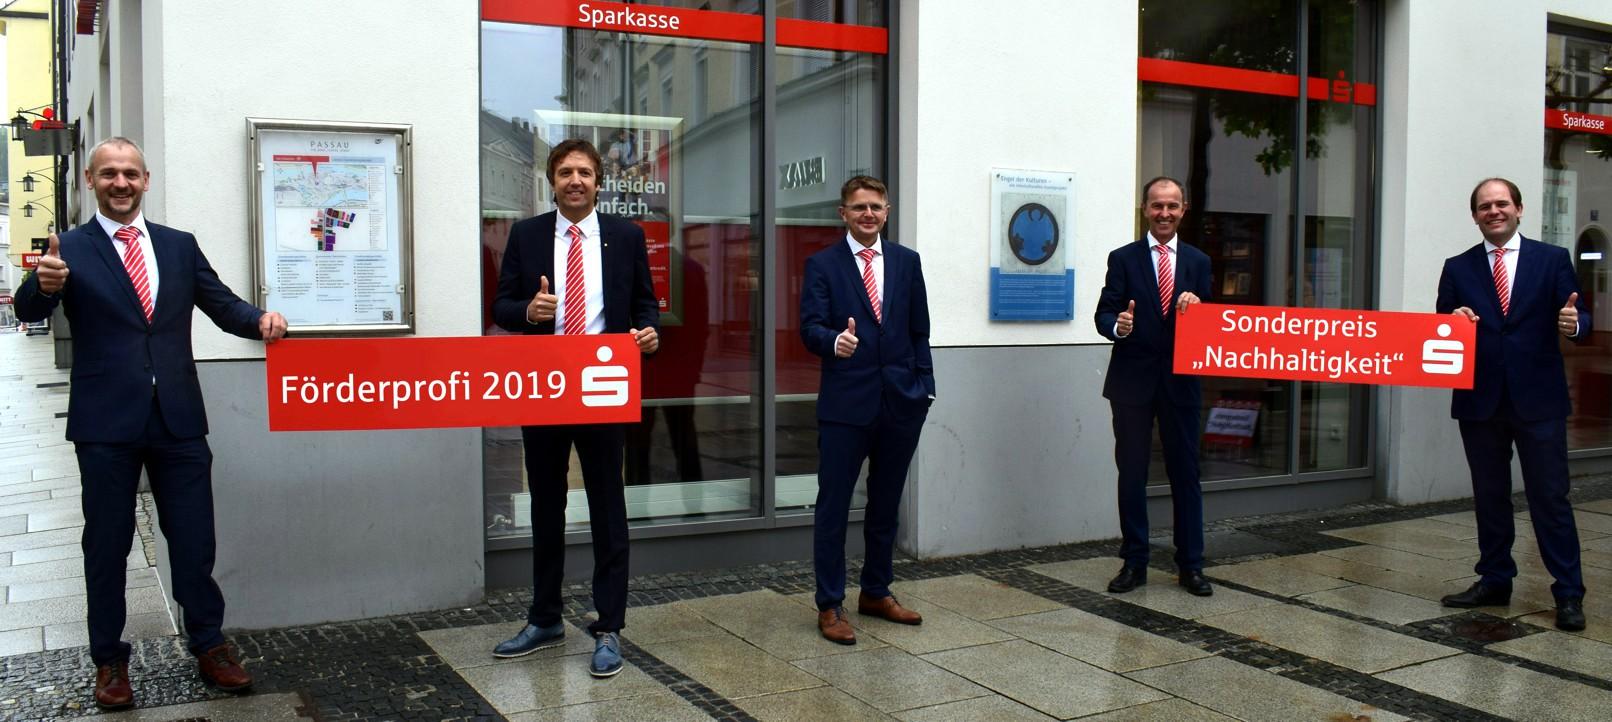 Das Sparkassen-Team freut sich über die Auszeichnung: